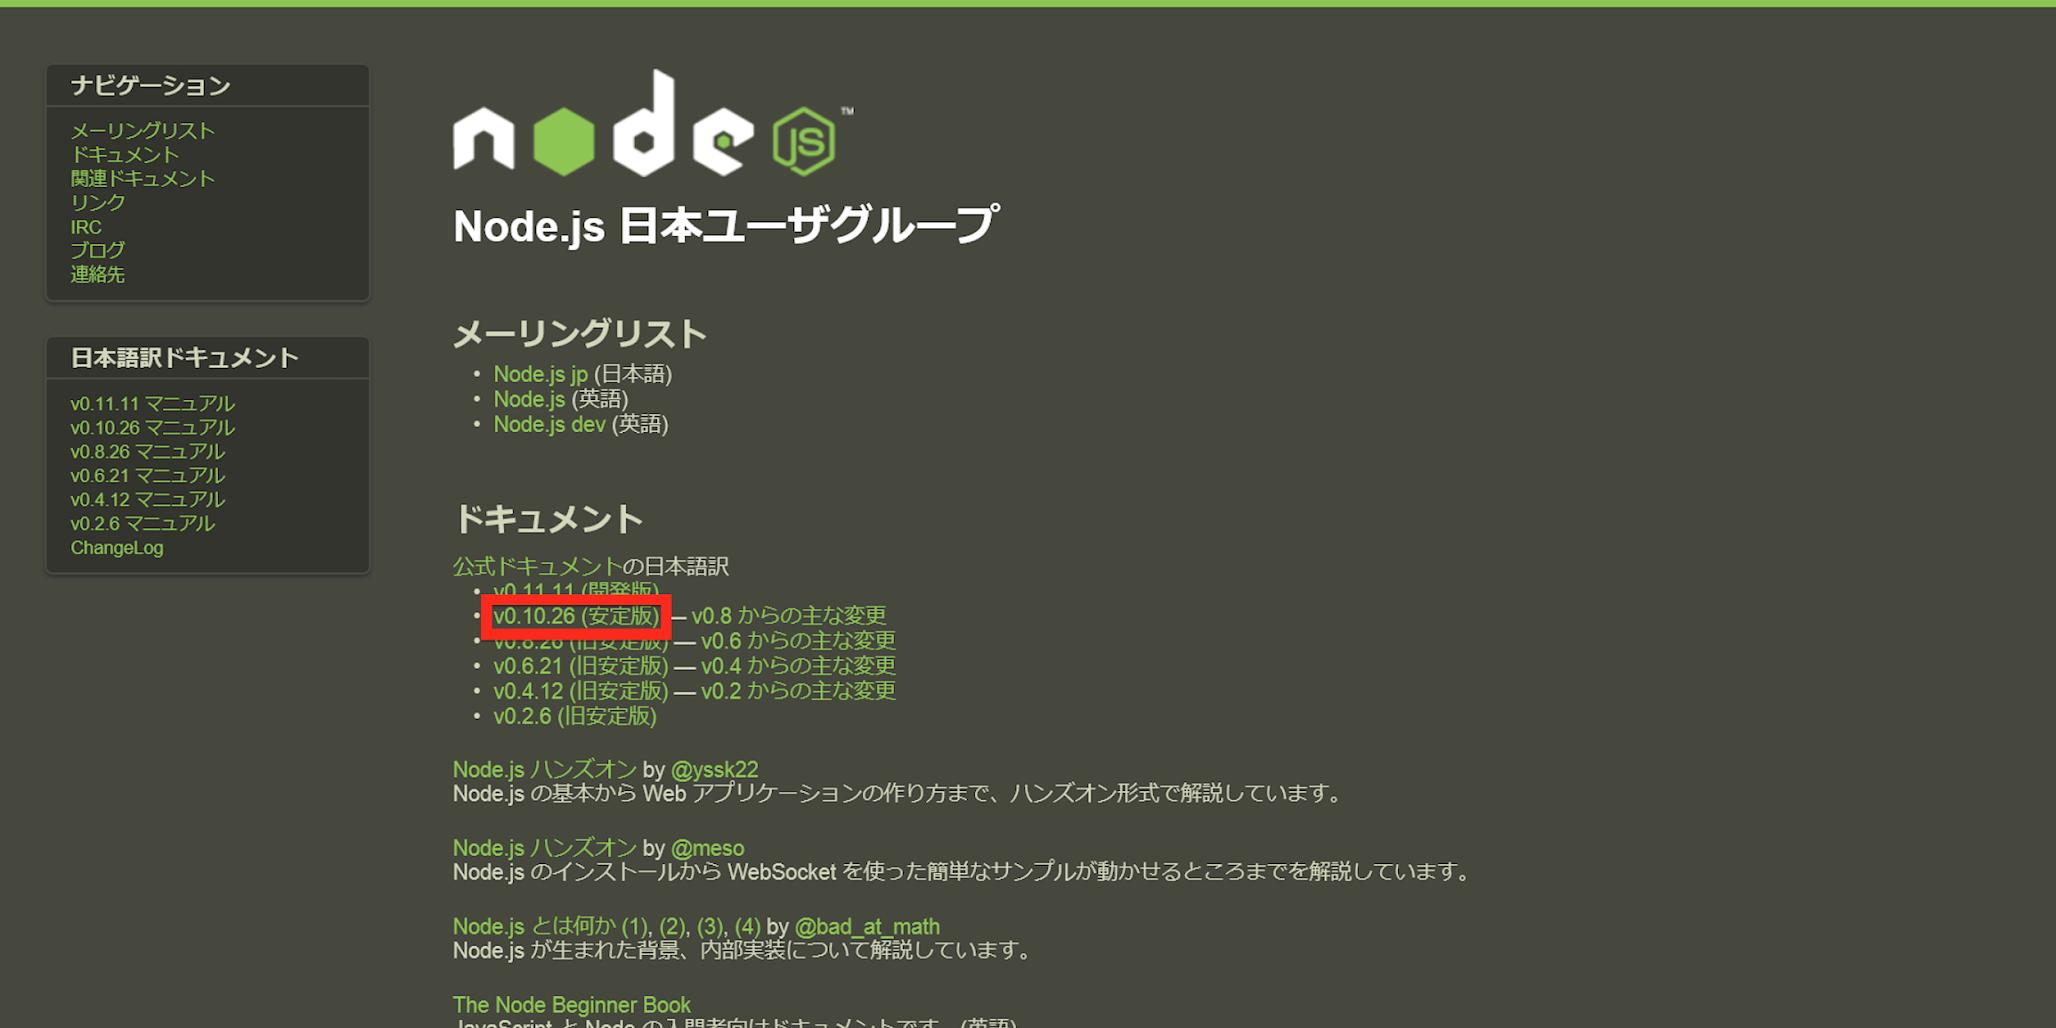 Node.js 01